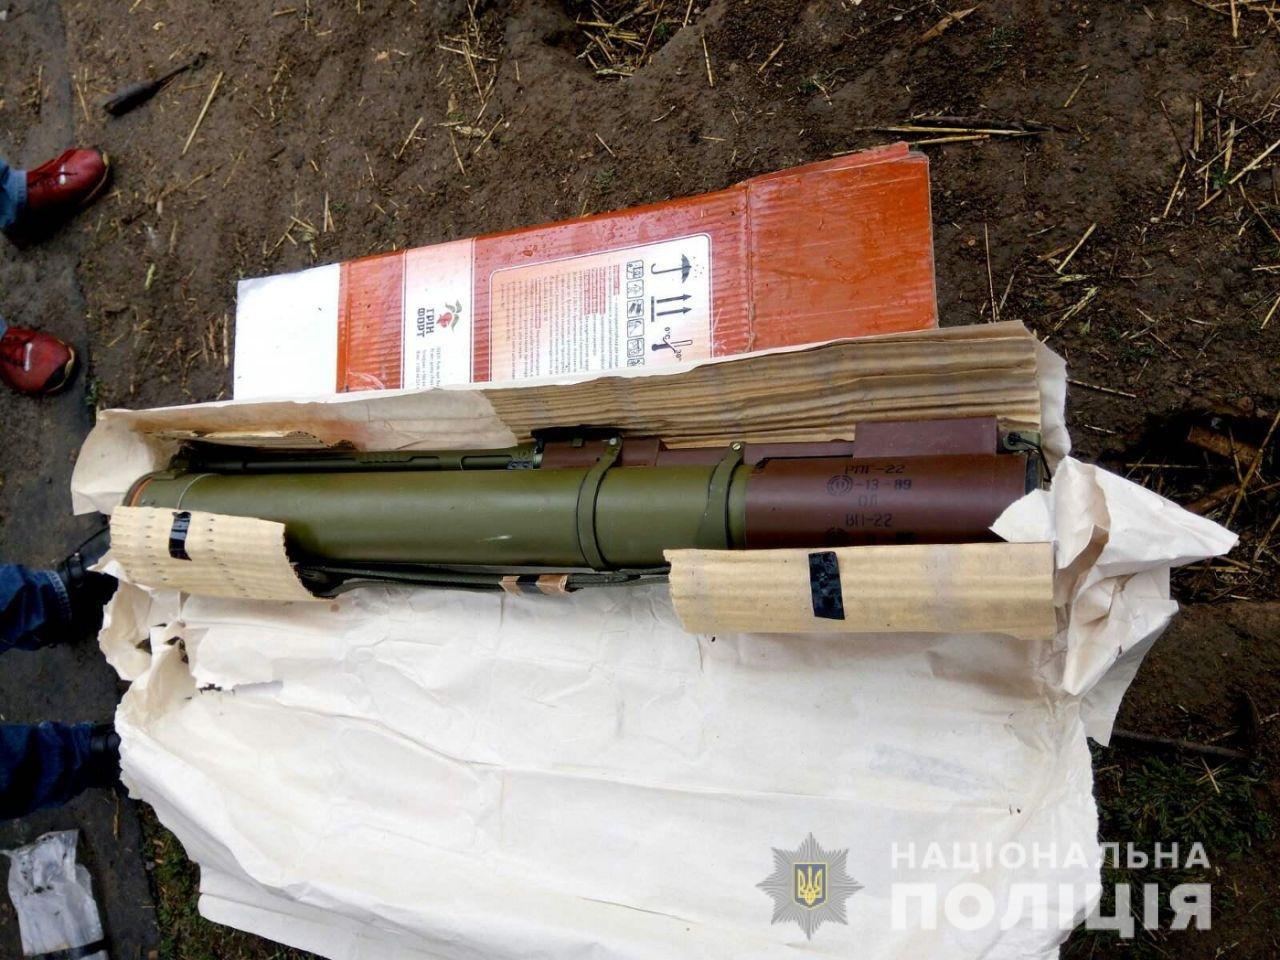 Под Днепром у мужчины нашли противотанковый гранатомет, - ФОТО, фото-1